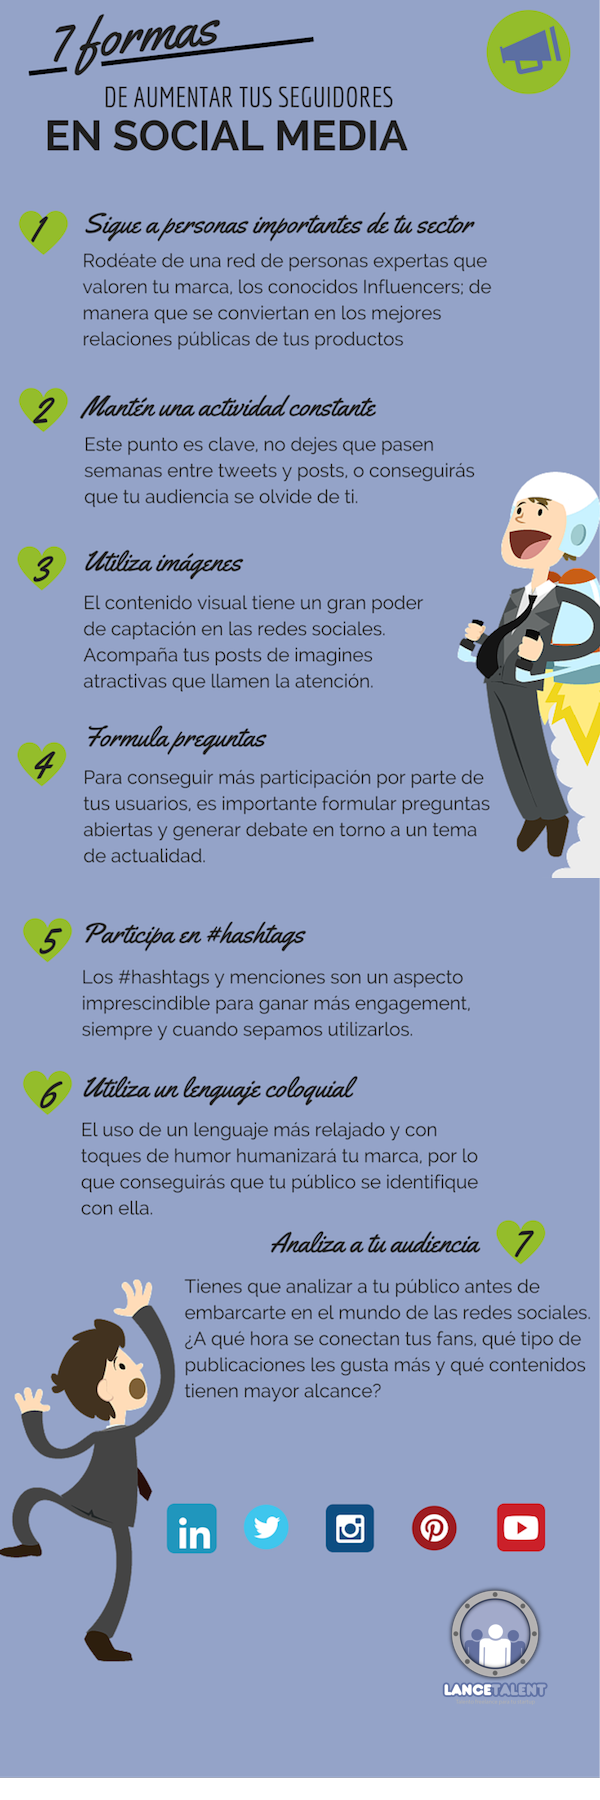 7 formas de aumentar seguidores en Redes Sociales